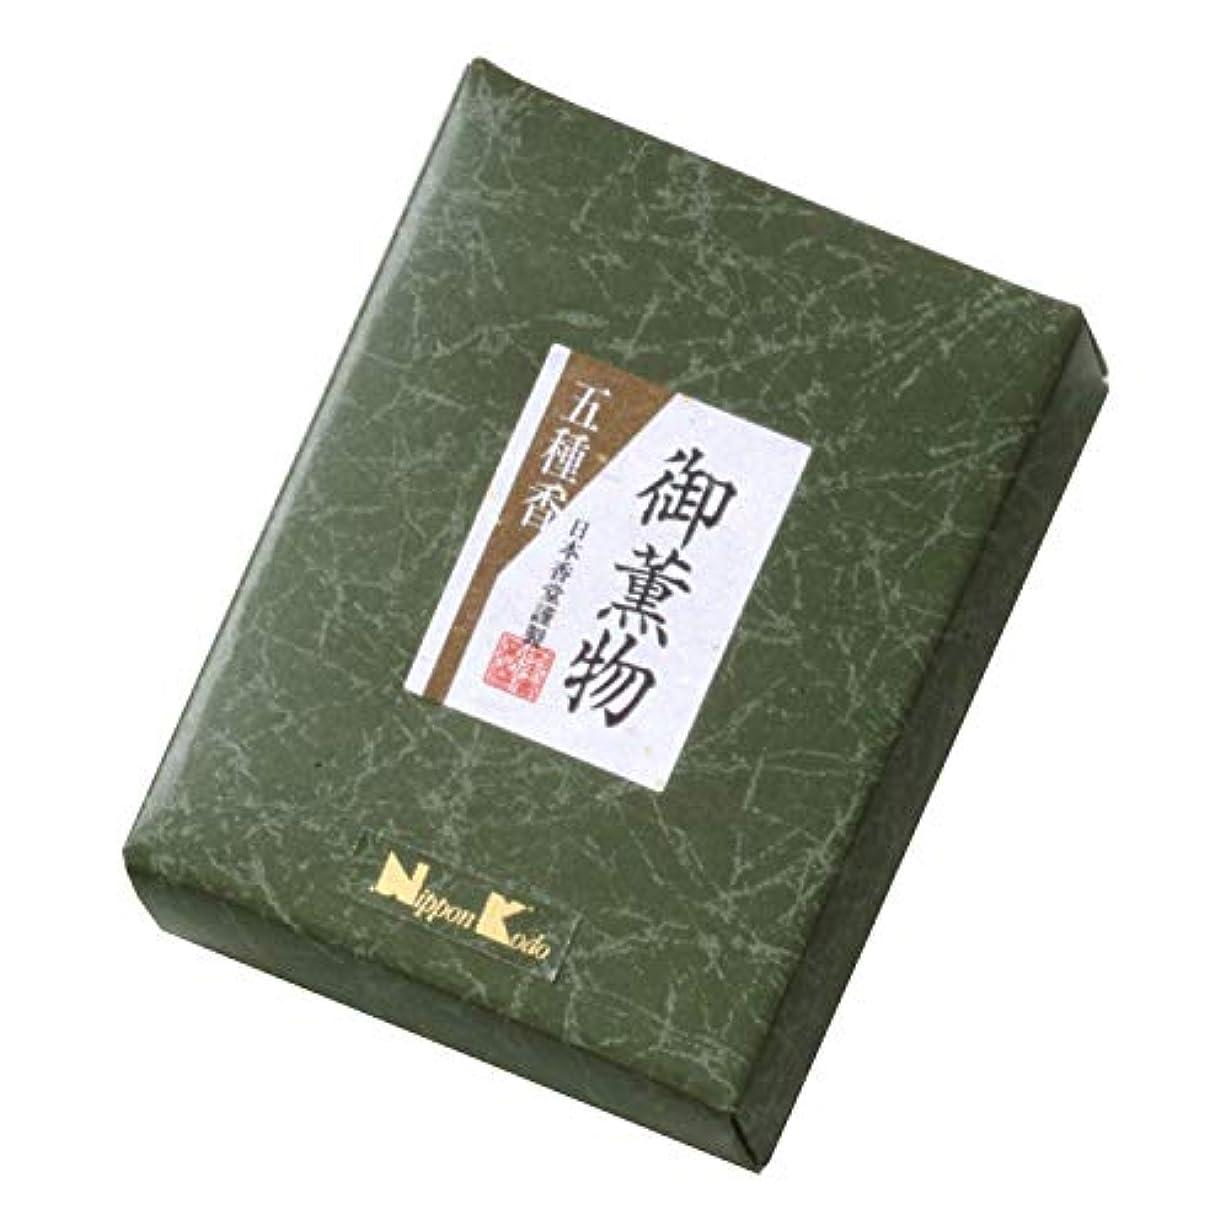 提供ミケランジェロことわざ御薫物 五種香 30g